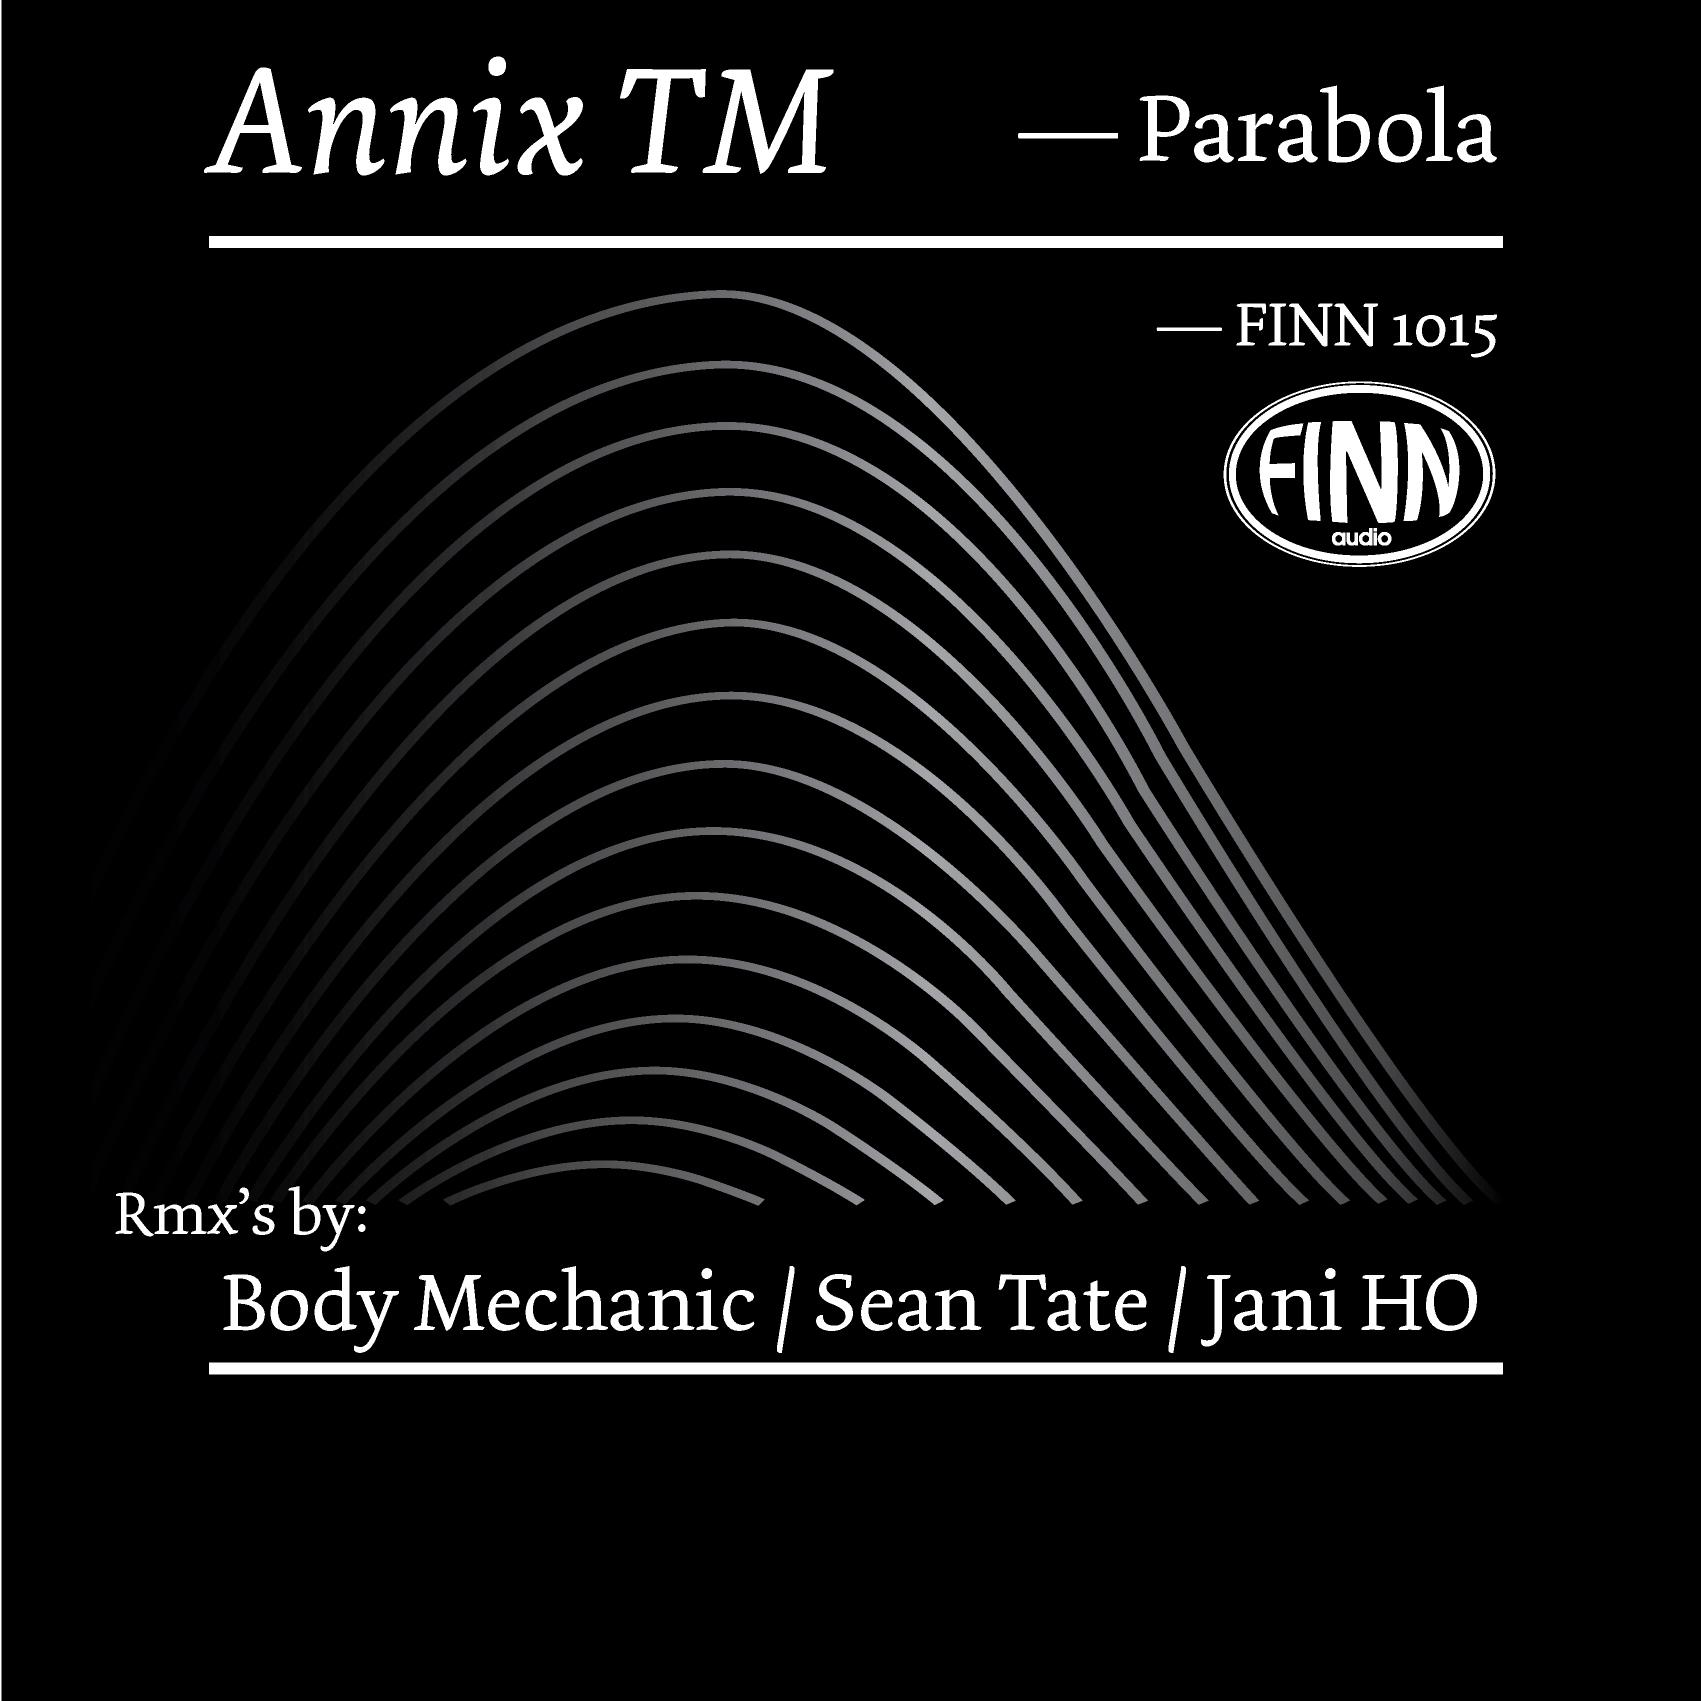 Parabola EP - Annit TM